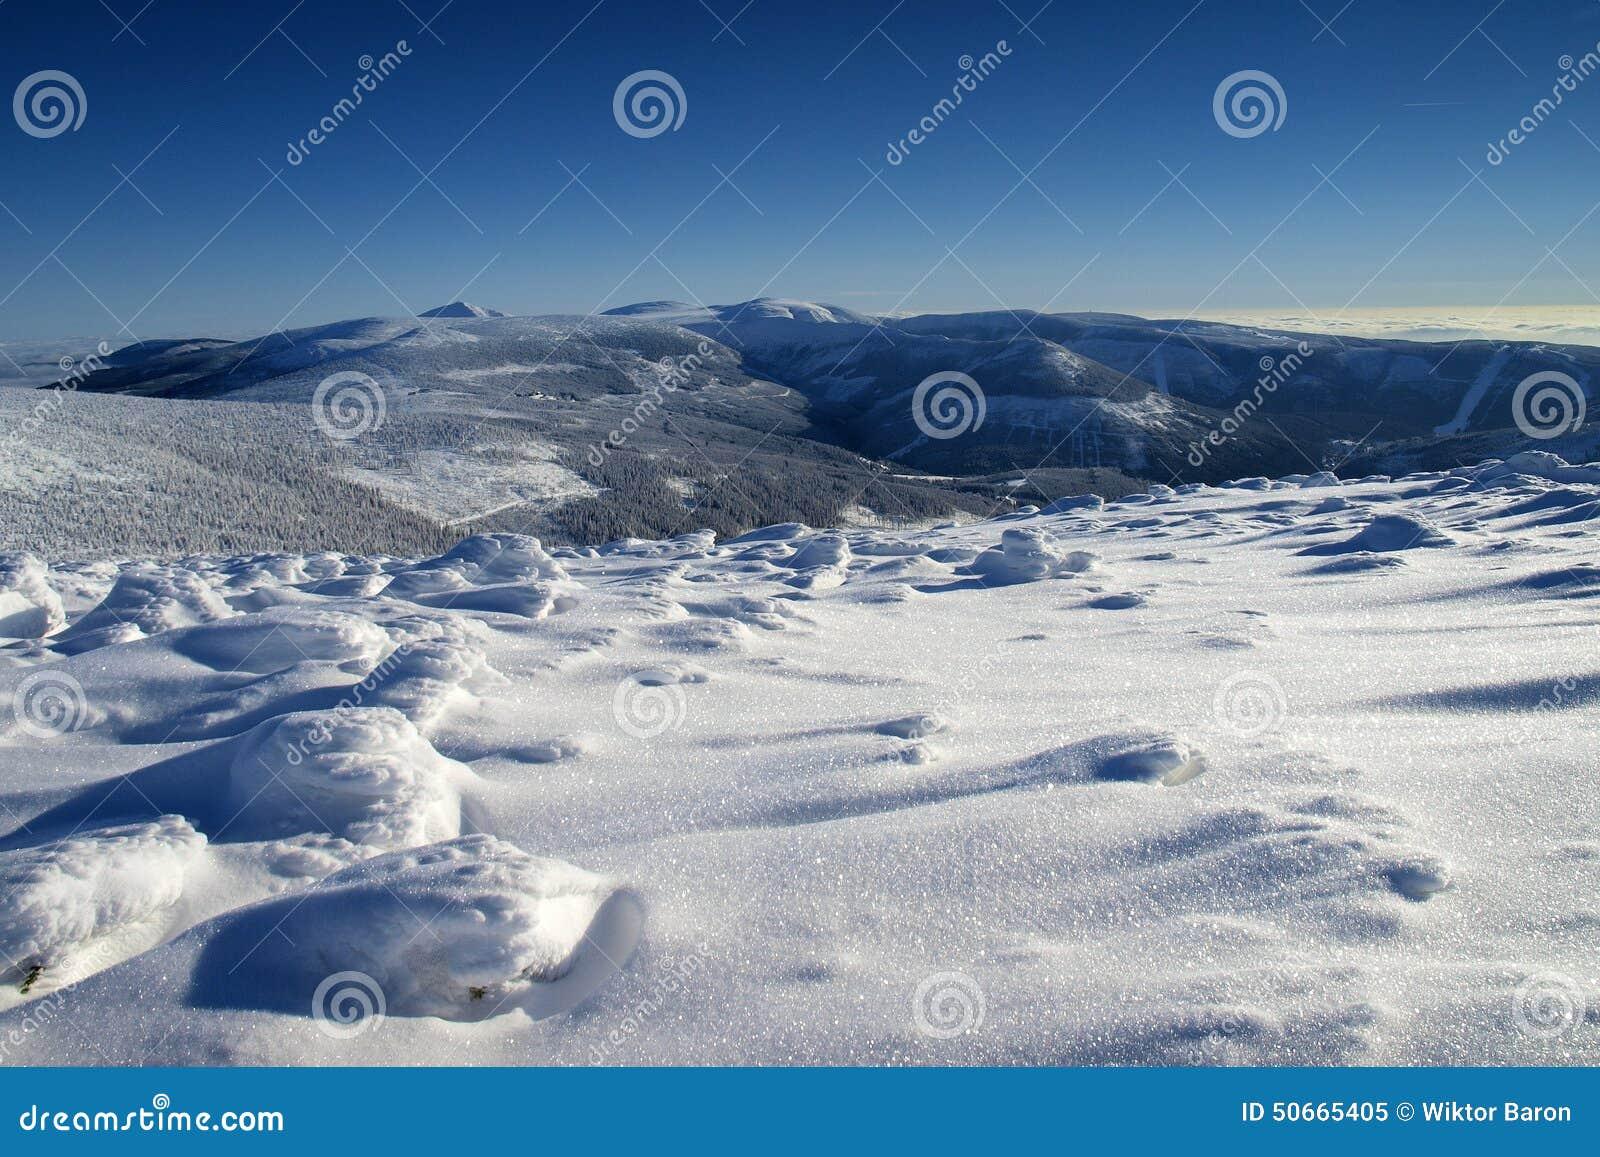 Λευκότητα στα γιγαντιαία βουνά/Karkonosze